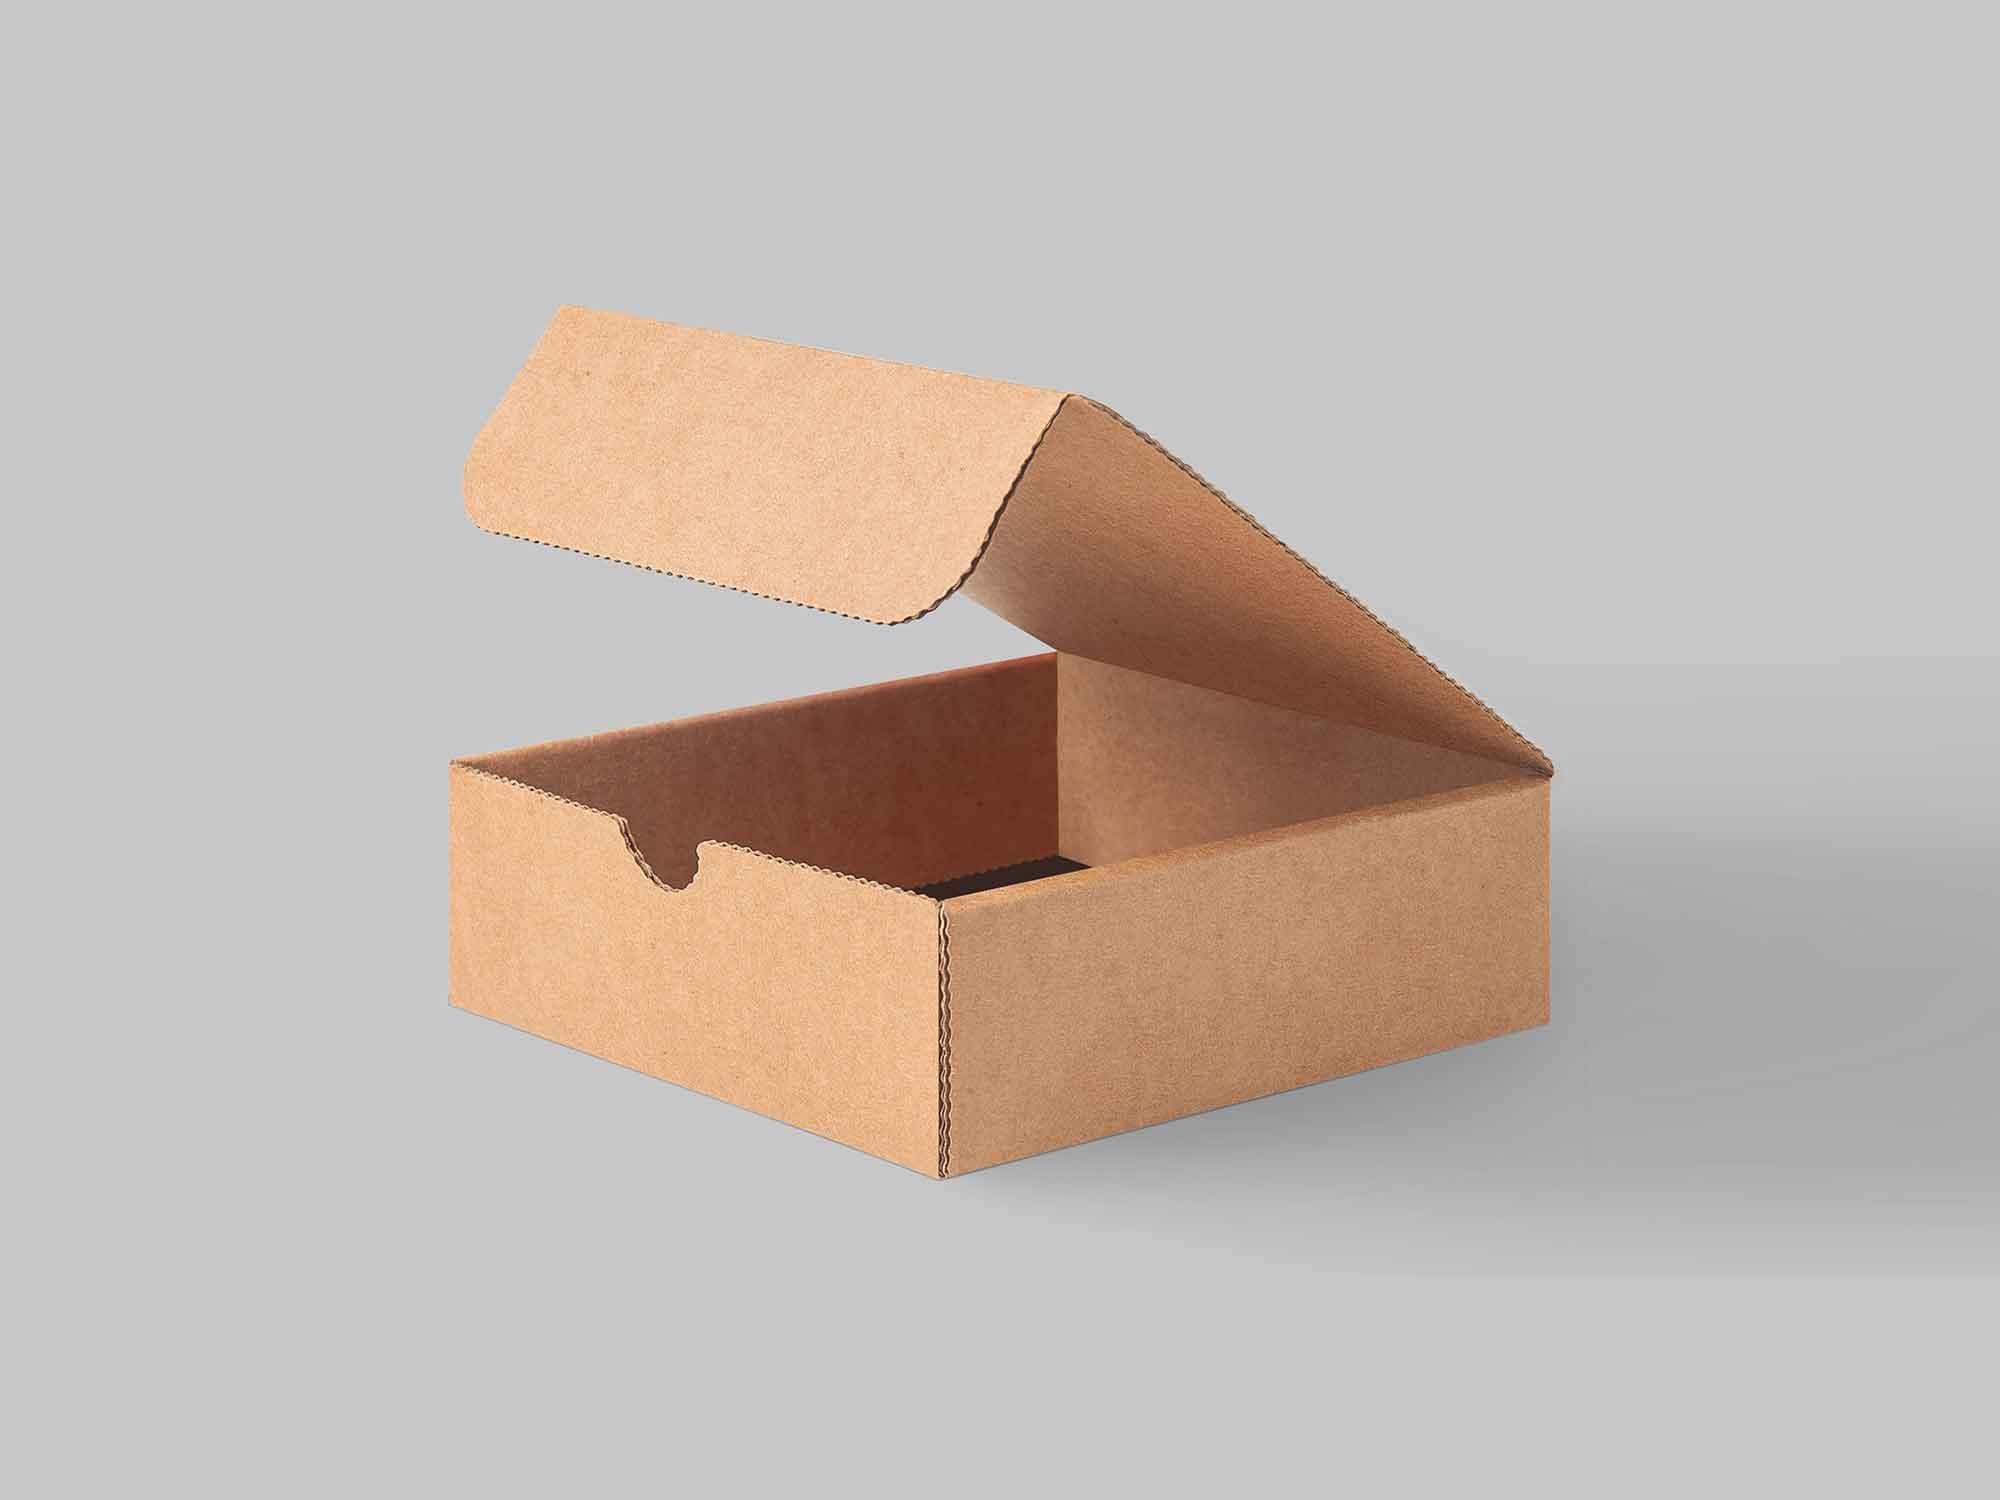 Carton Packaging Box Mockup 3